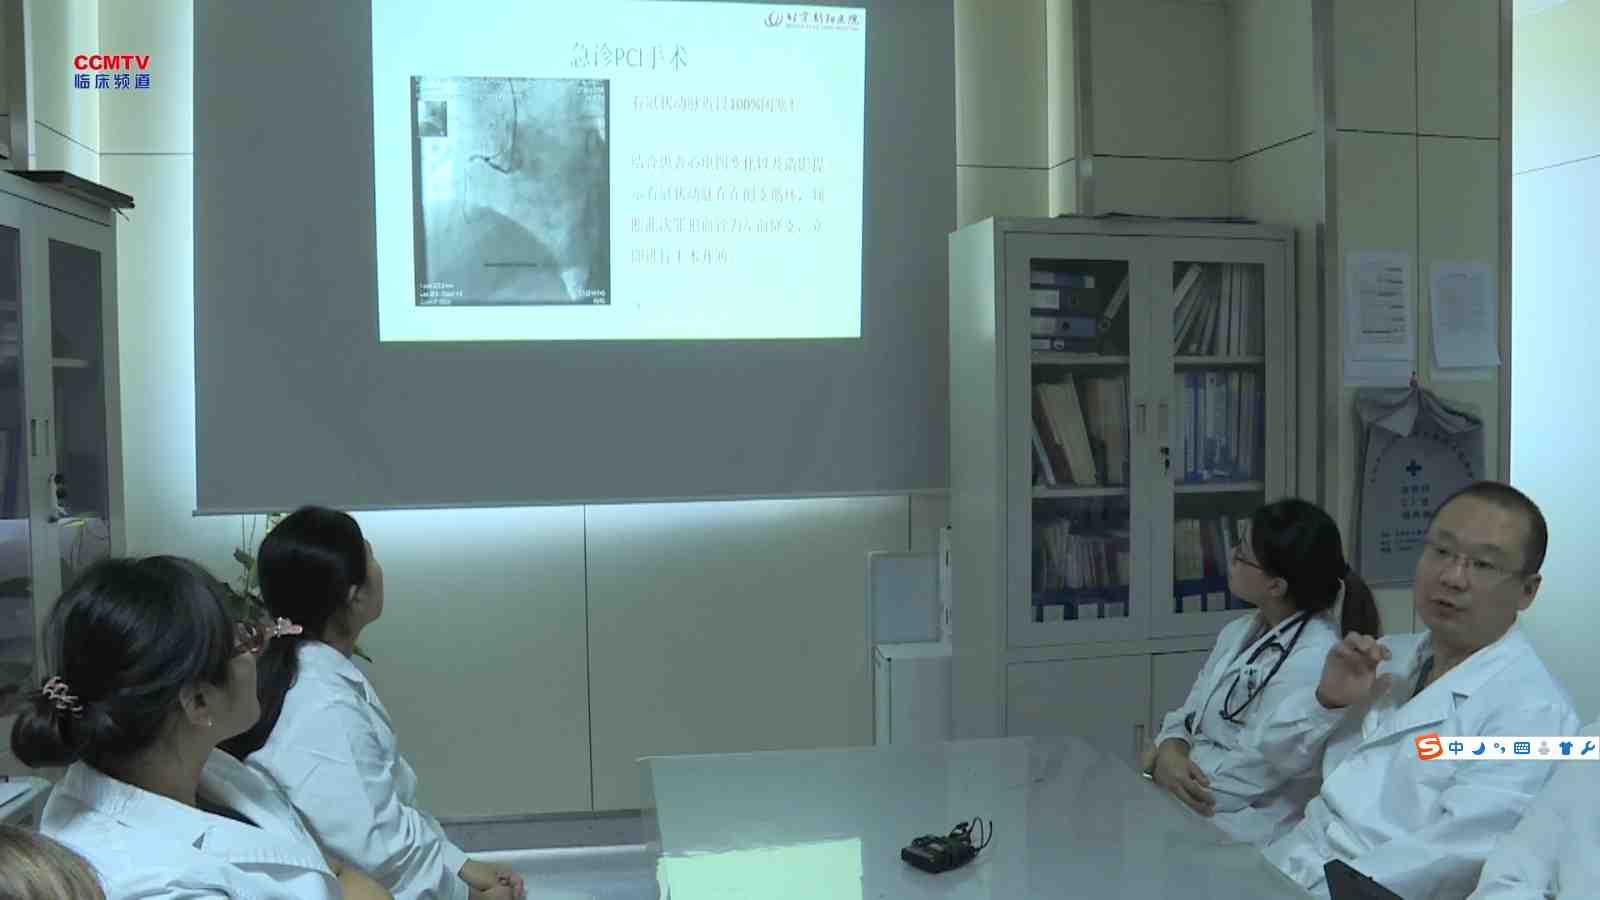 心脏病 病例讨论 心梗 朝阳医院:急性前壁心肌梗死病例